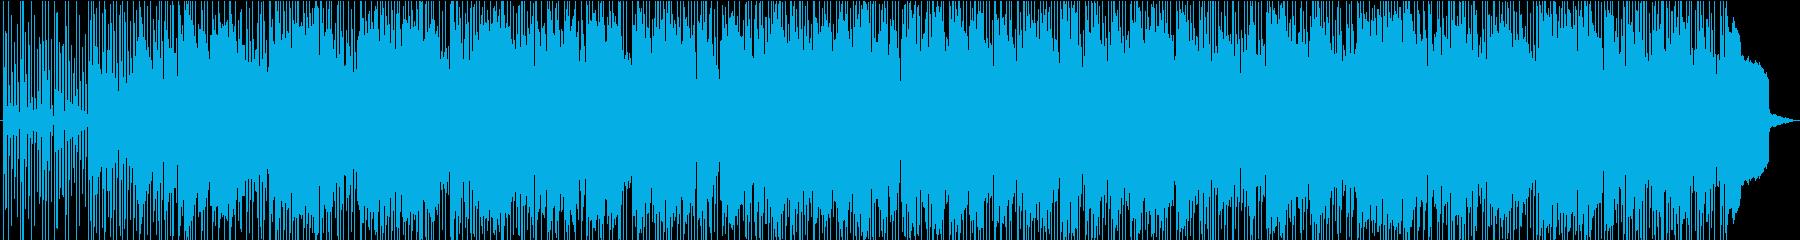 ソフト、ナイトリー、ギターソロの再生済みの波形